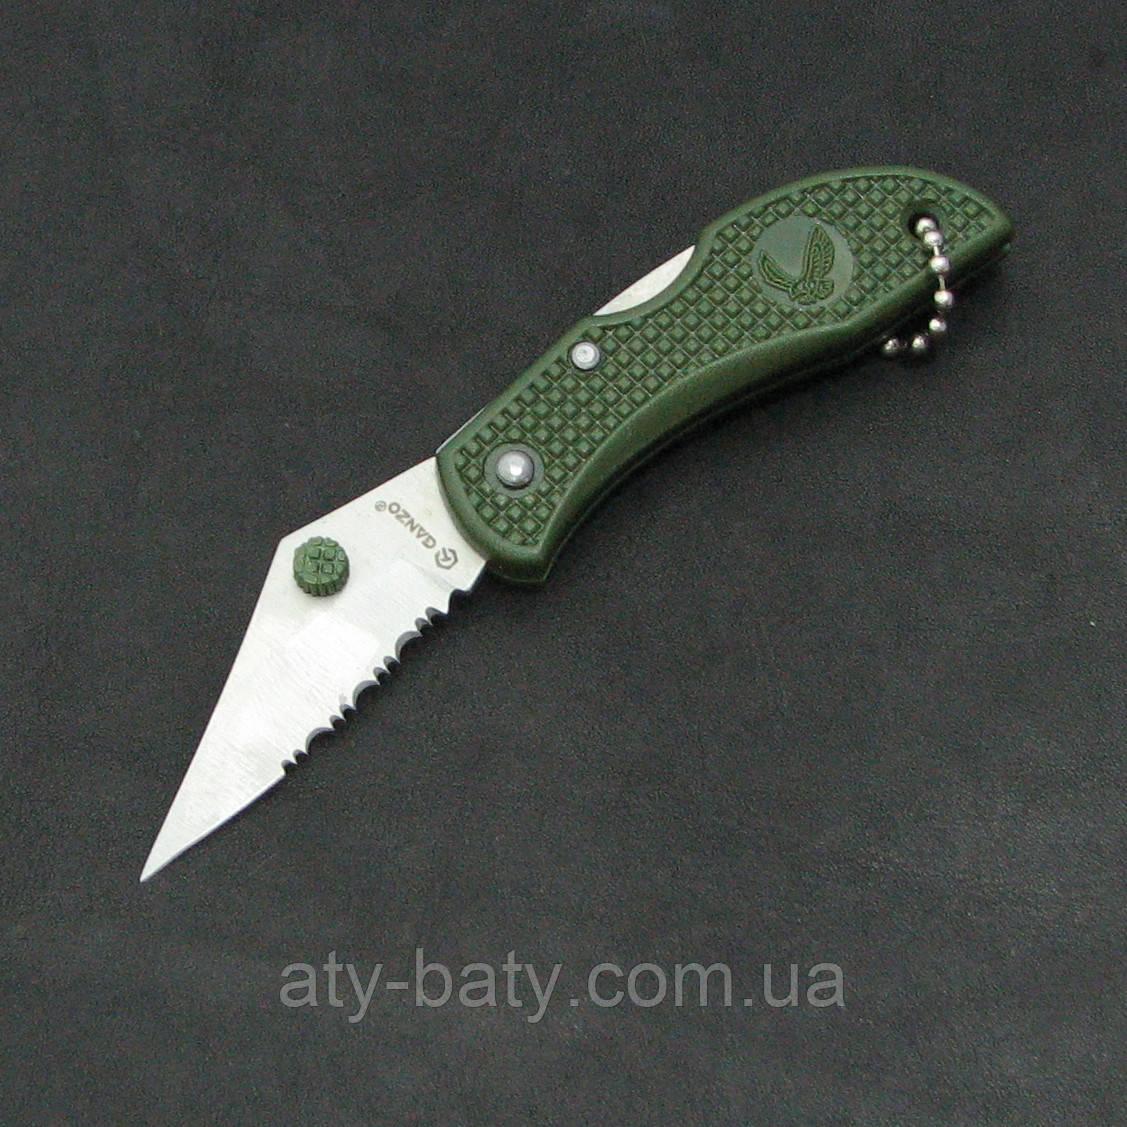 Нож Ganzo G623S зеленый